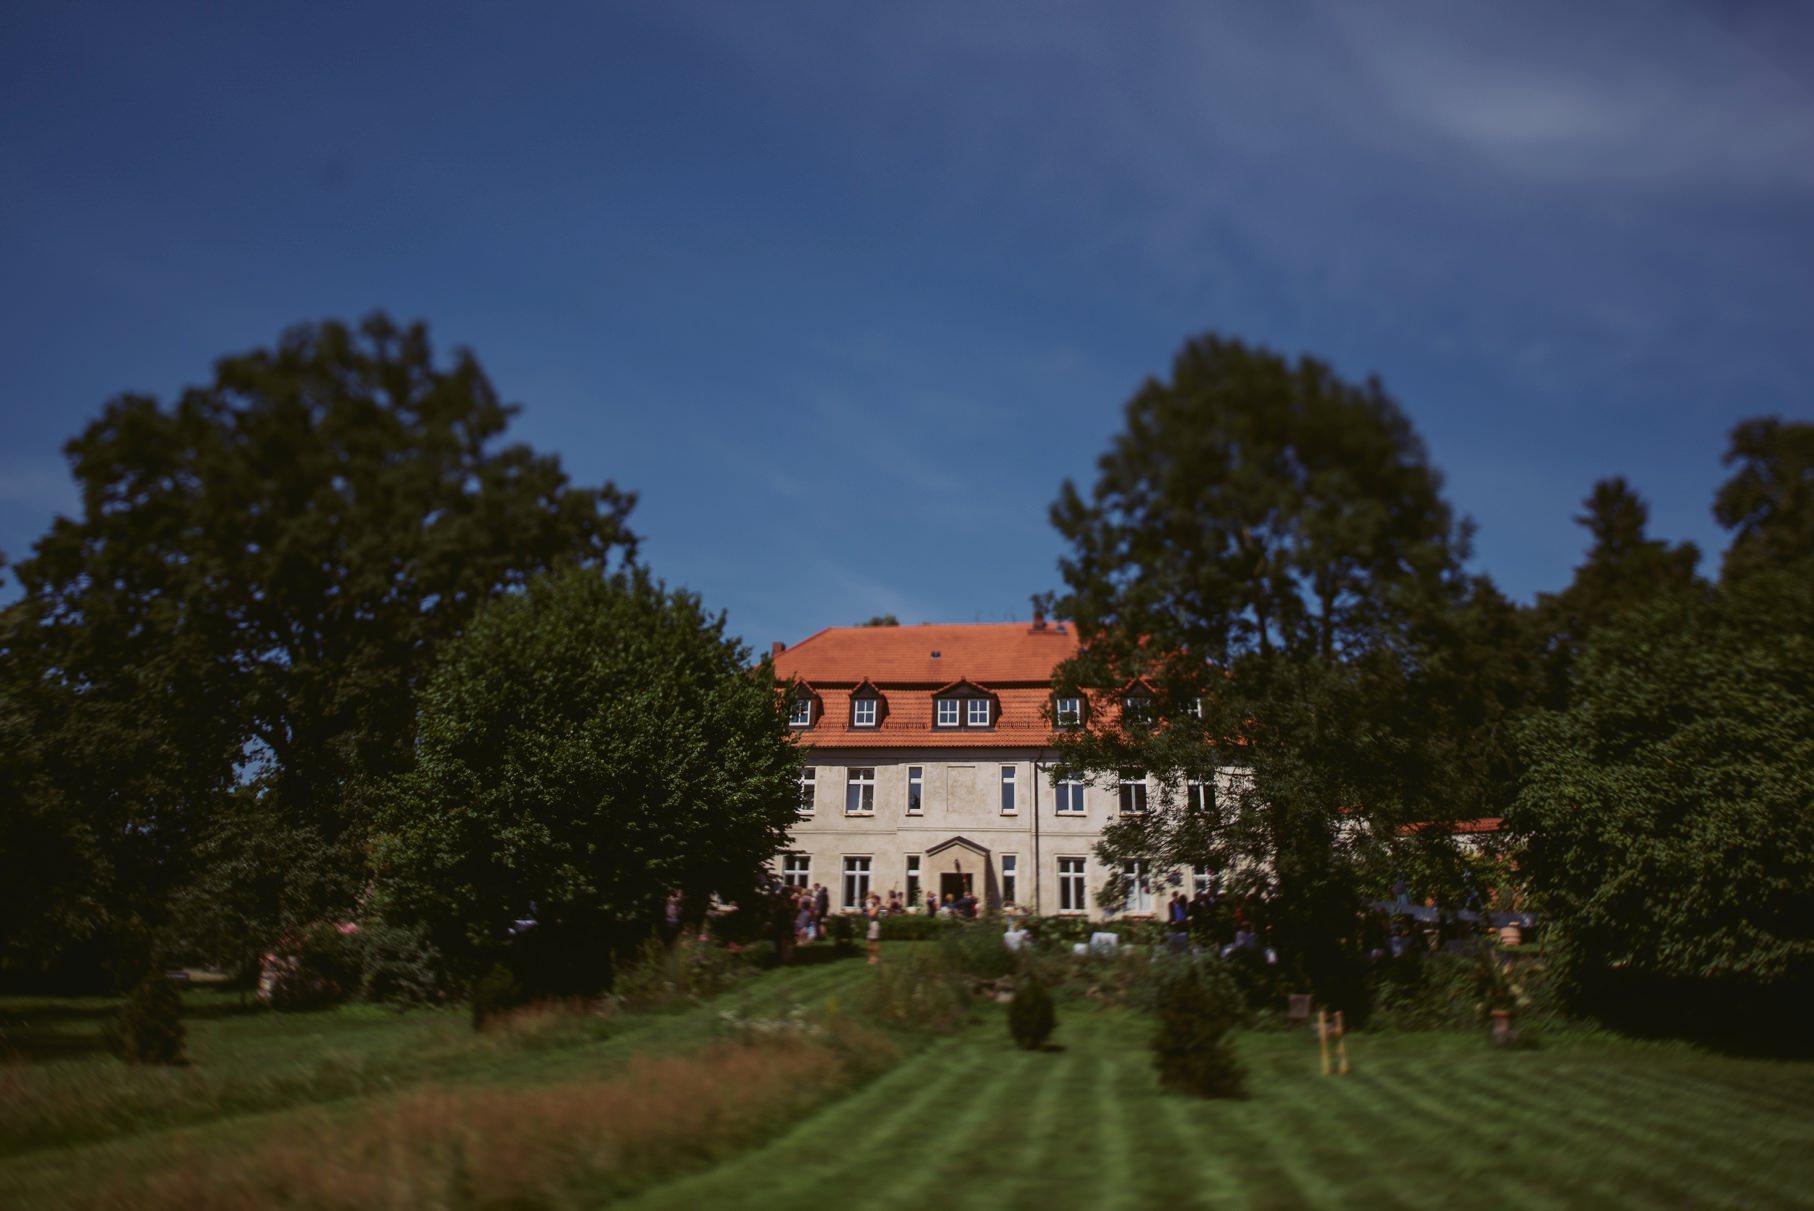 0058 schloss neuhausen hochzeitsfotograf hamburg anne bjoern - Hochzeit auf Schloss Neuhausen - Anne & Sebastian